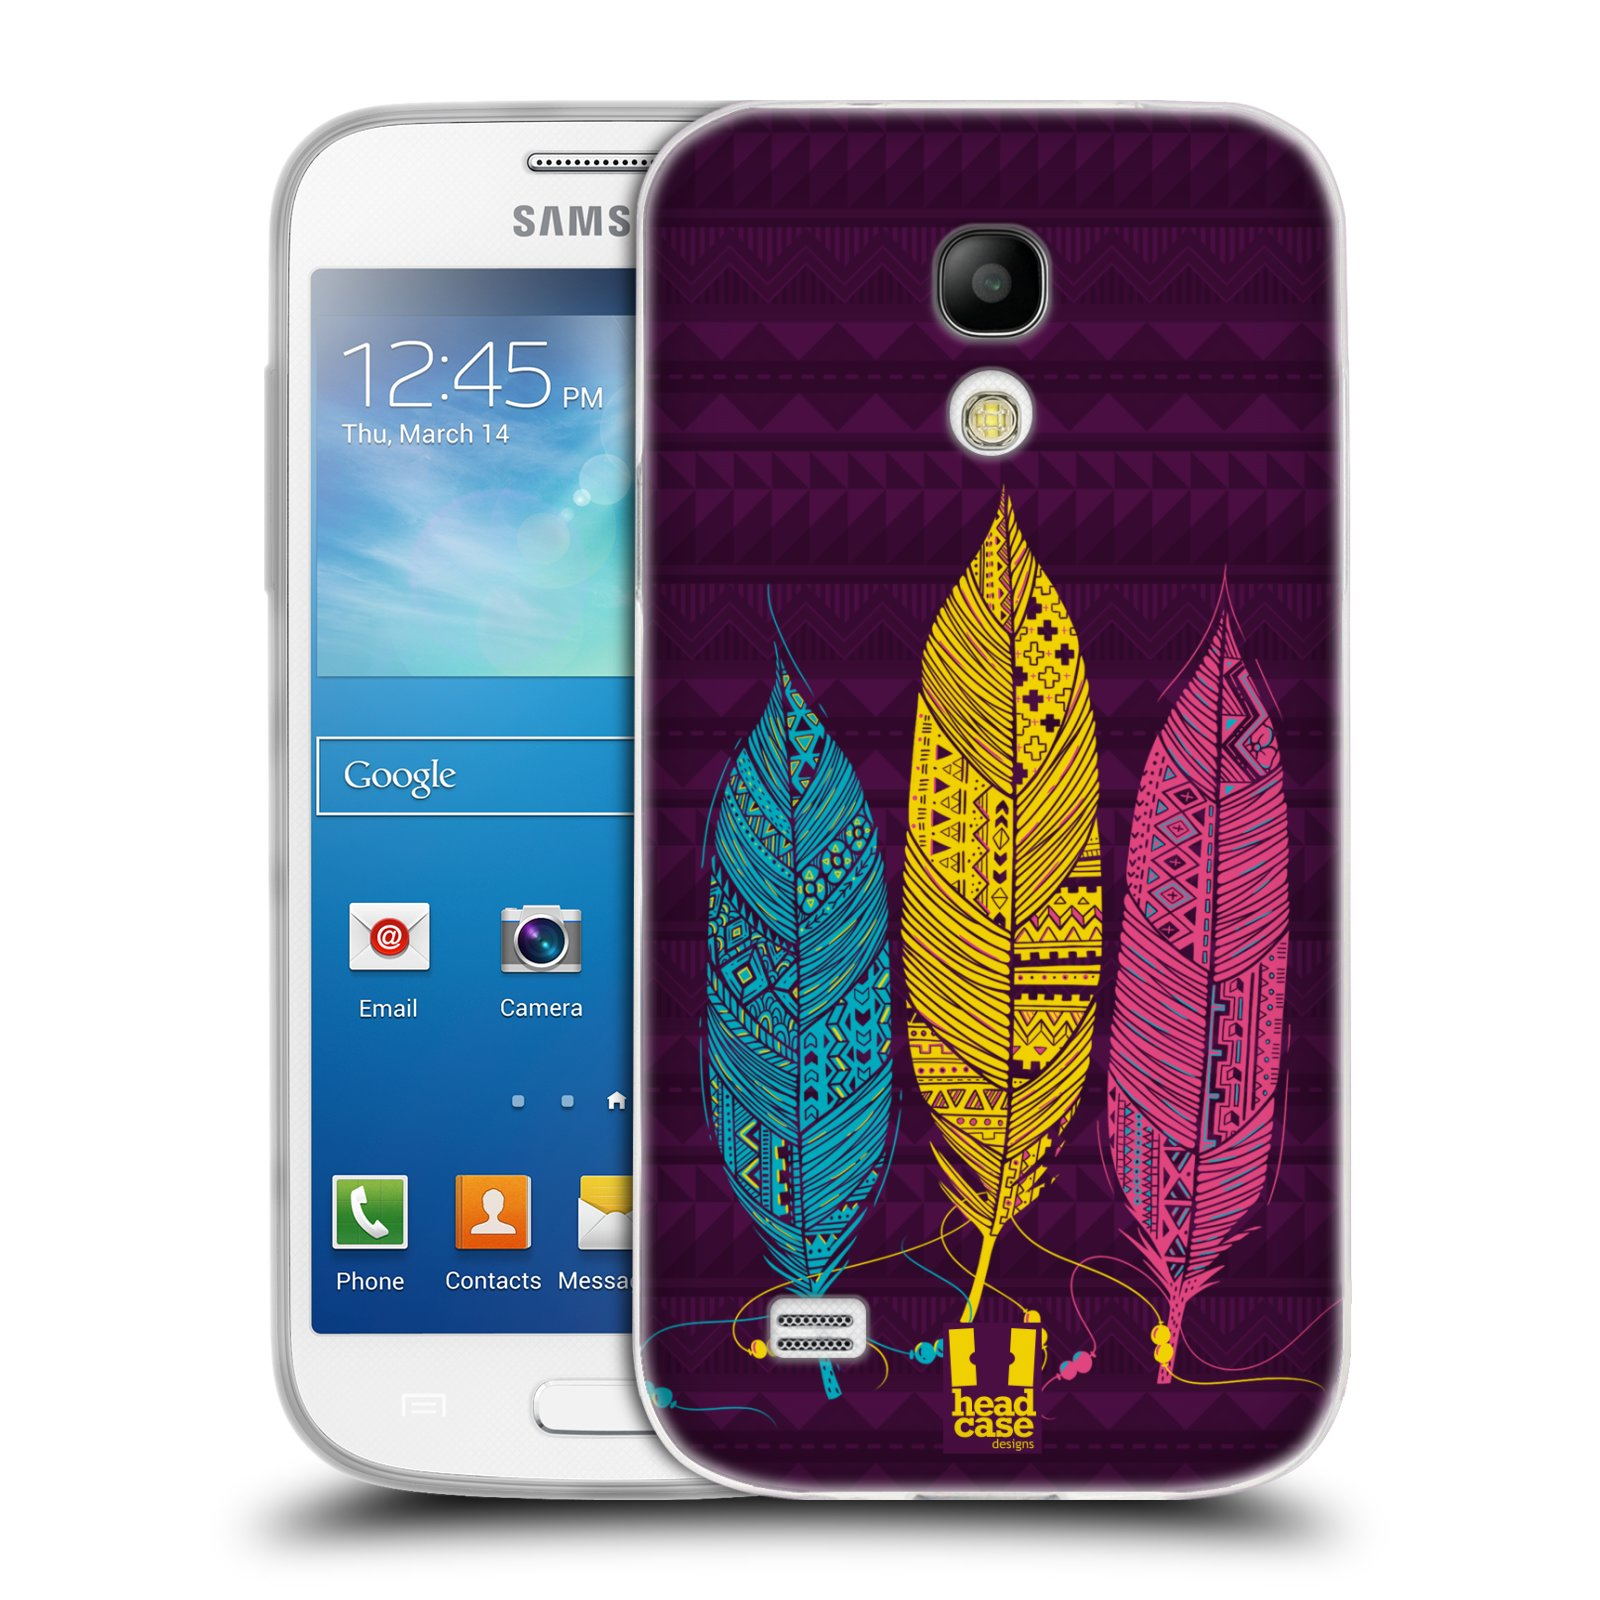 Silikonové pouzdro na mobil Samsung Galaxy S4 Mini HEAD CASE AZTEC PÍRKA 3 BAREV (Silikonový kryt či obal na mobilní telefon Samsung Galaxy S4 Mini GT-i9195 / i9190 (nepasuje na verzi Black Edition))